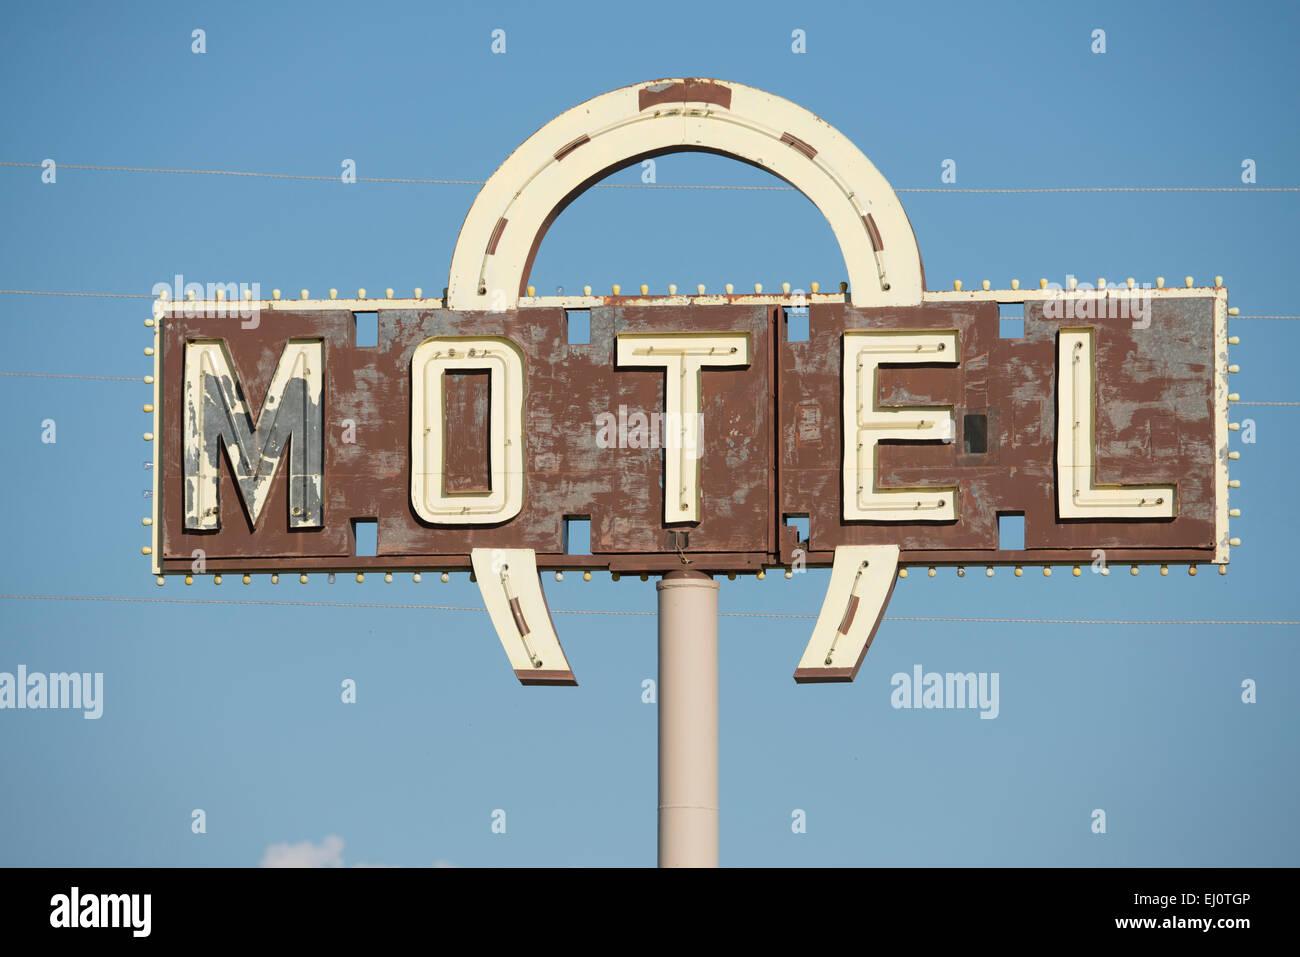 USA, United States, America, Wyoming, Lovell, motel, sign, Americana, horse shoe - Stock Image